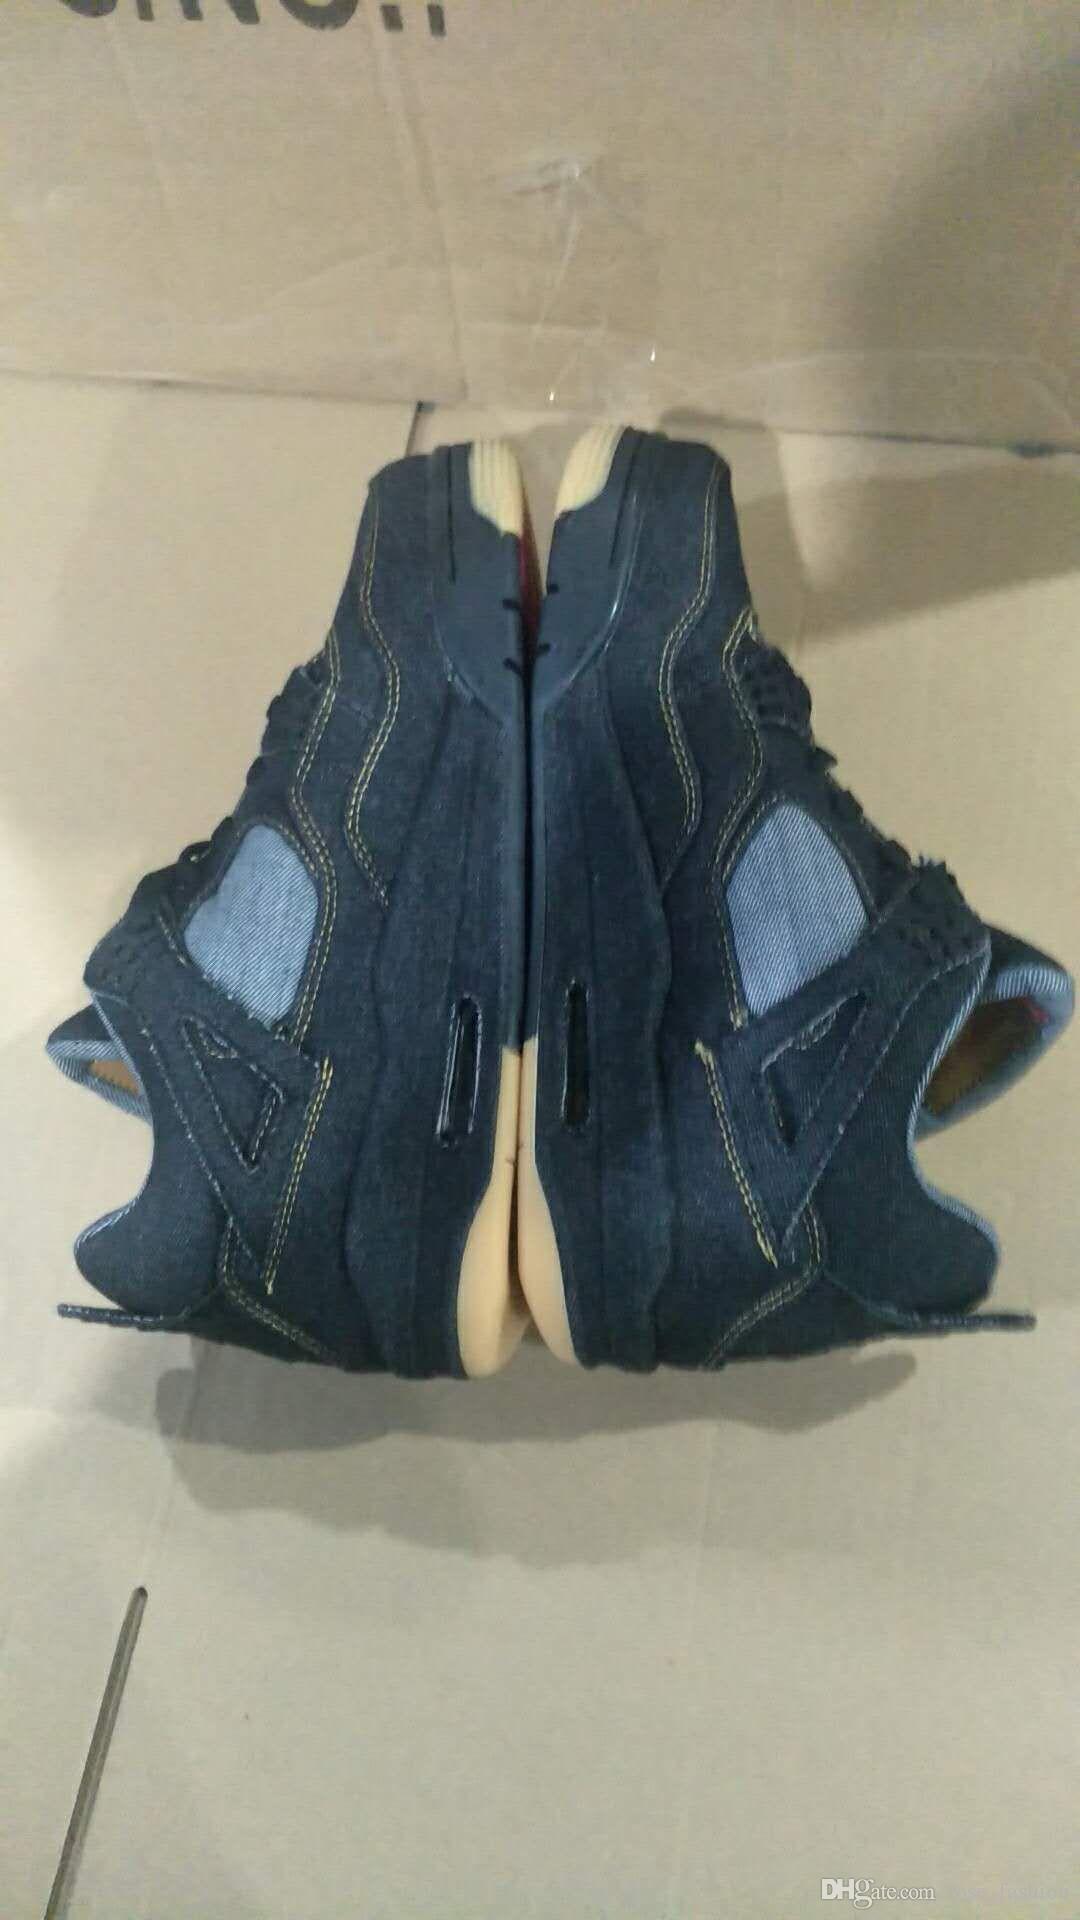 4 denim NRG Azul Negro Blanco Jeans Zapatos de baloncesto con caja original 4s denim Travis Jeans Calzado deportivo zapatillas de deporte envío gratis